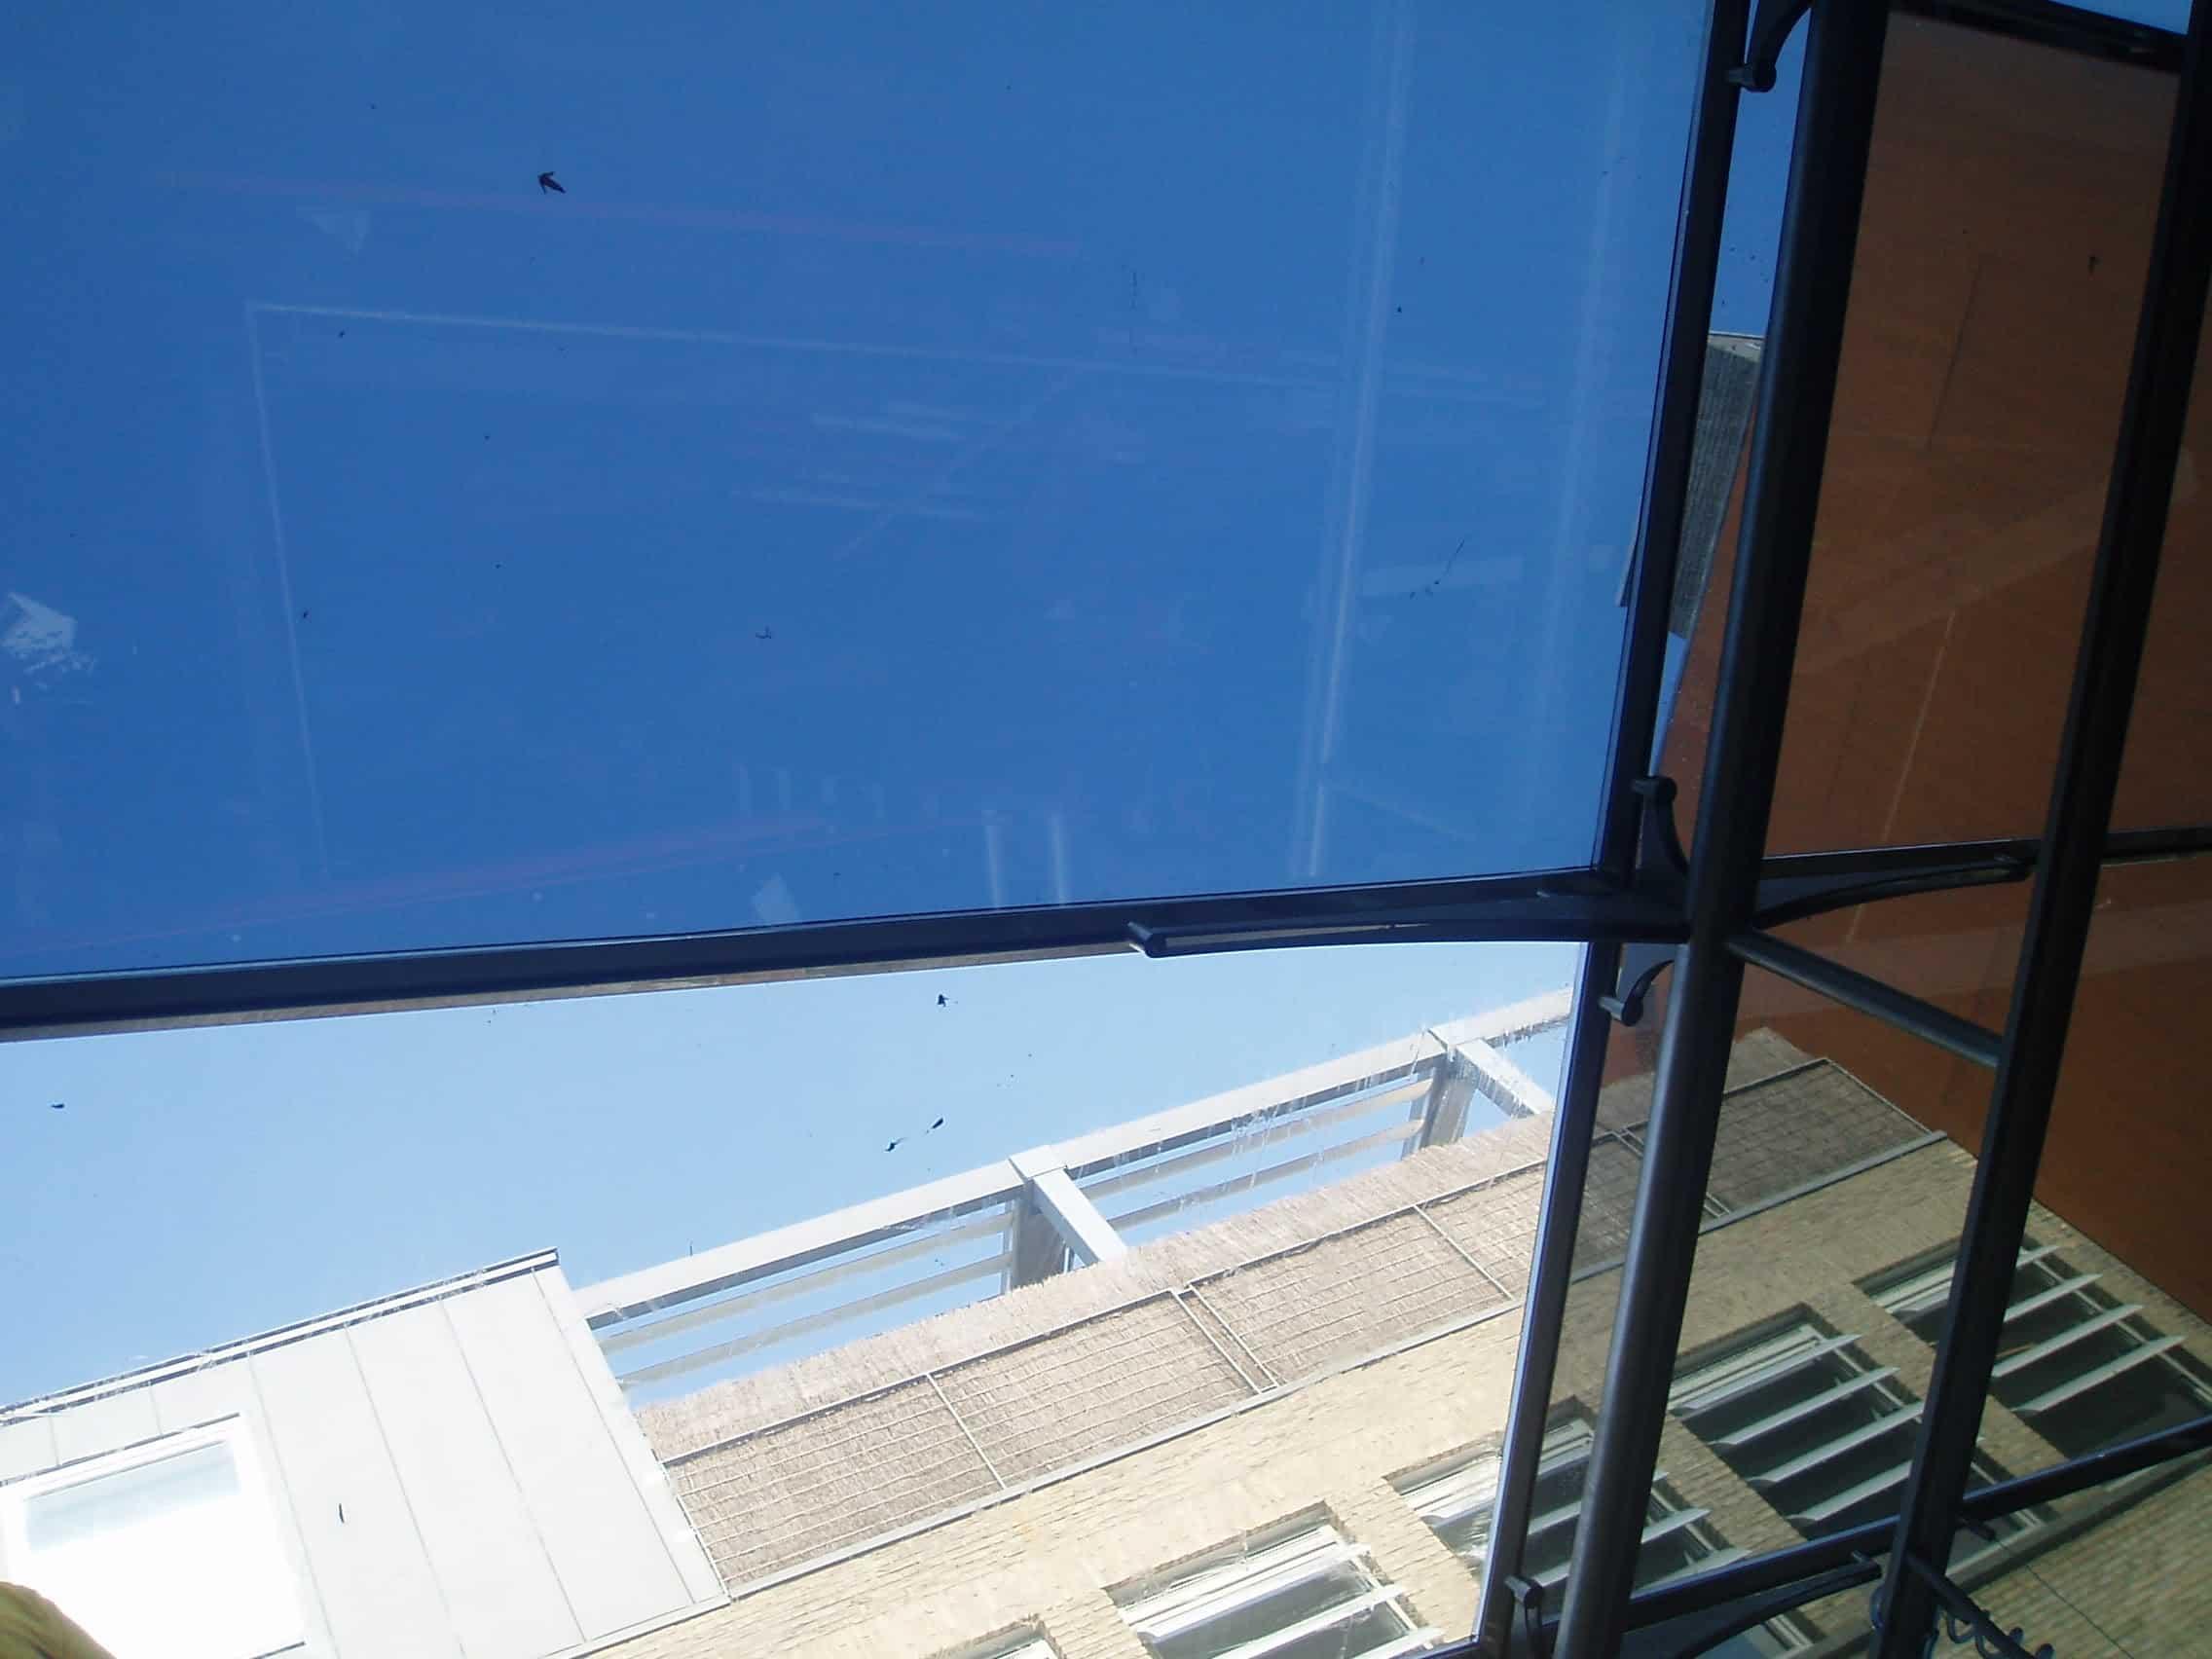 Choco Story Brugge - glazen dak van de binnenplaats voorzien van Clearview 20